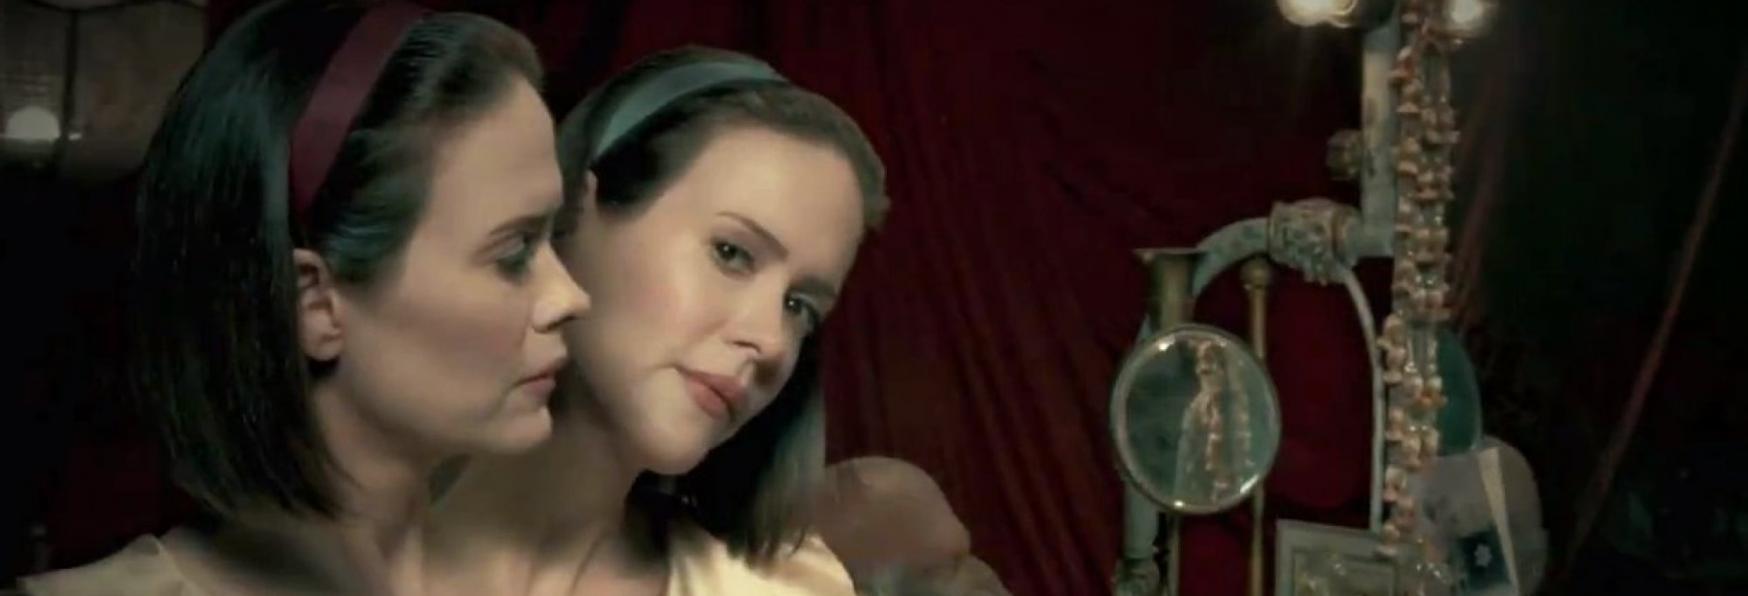 American Horror Story 10: Sarah Paulson svela alcuni Dettagli sul suo Personaggio